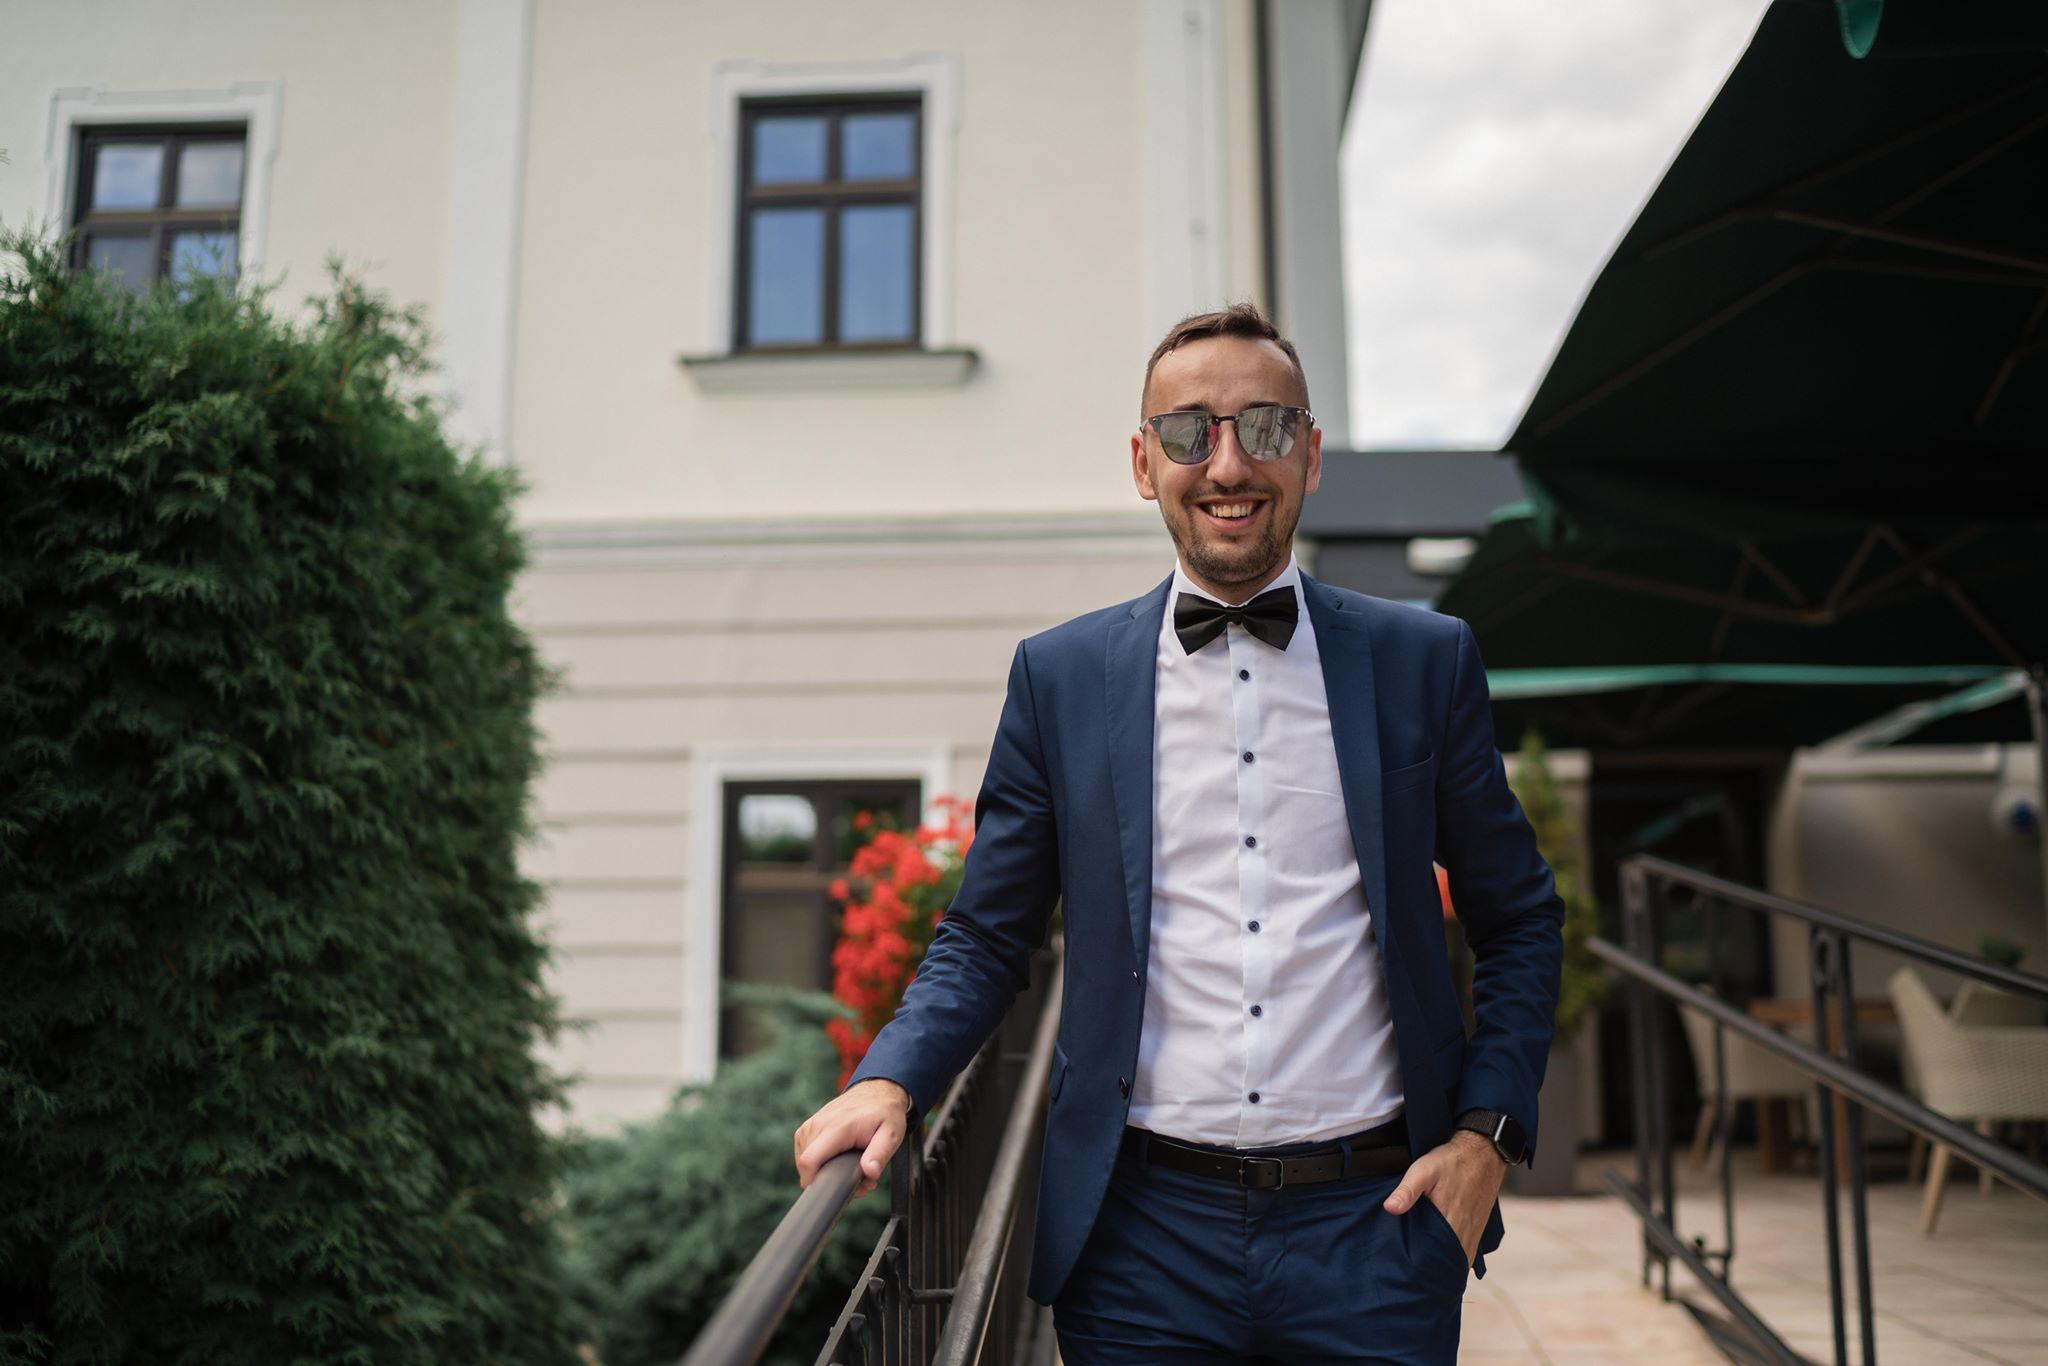 svadobny-dj-moderator-starejsi-na-svadbujpg